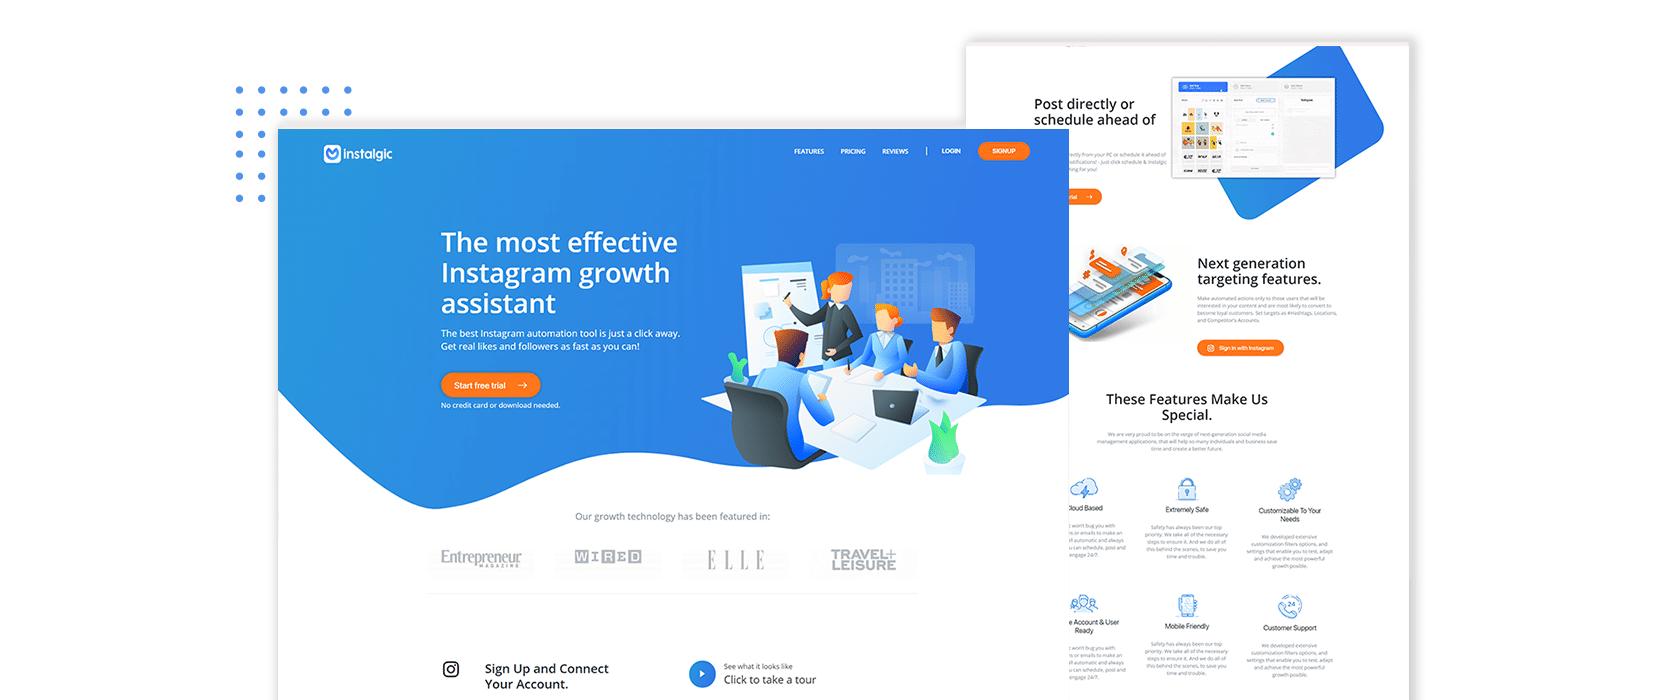 Instalgic Website